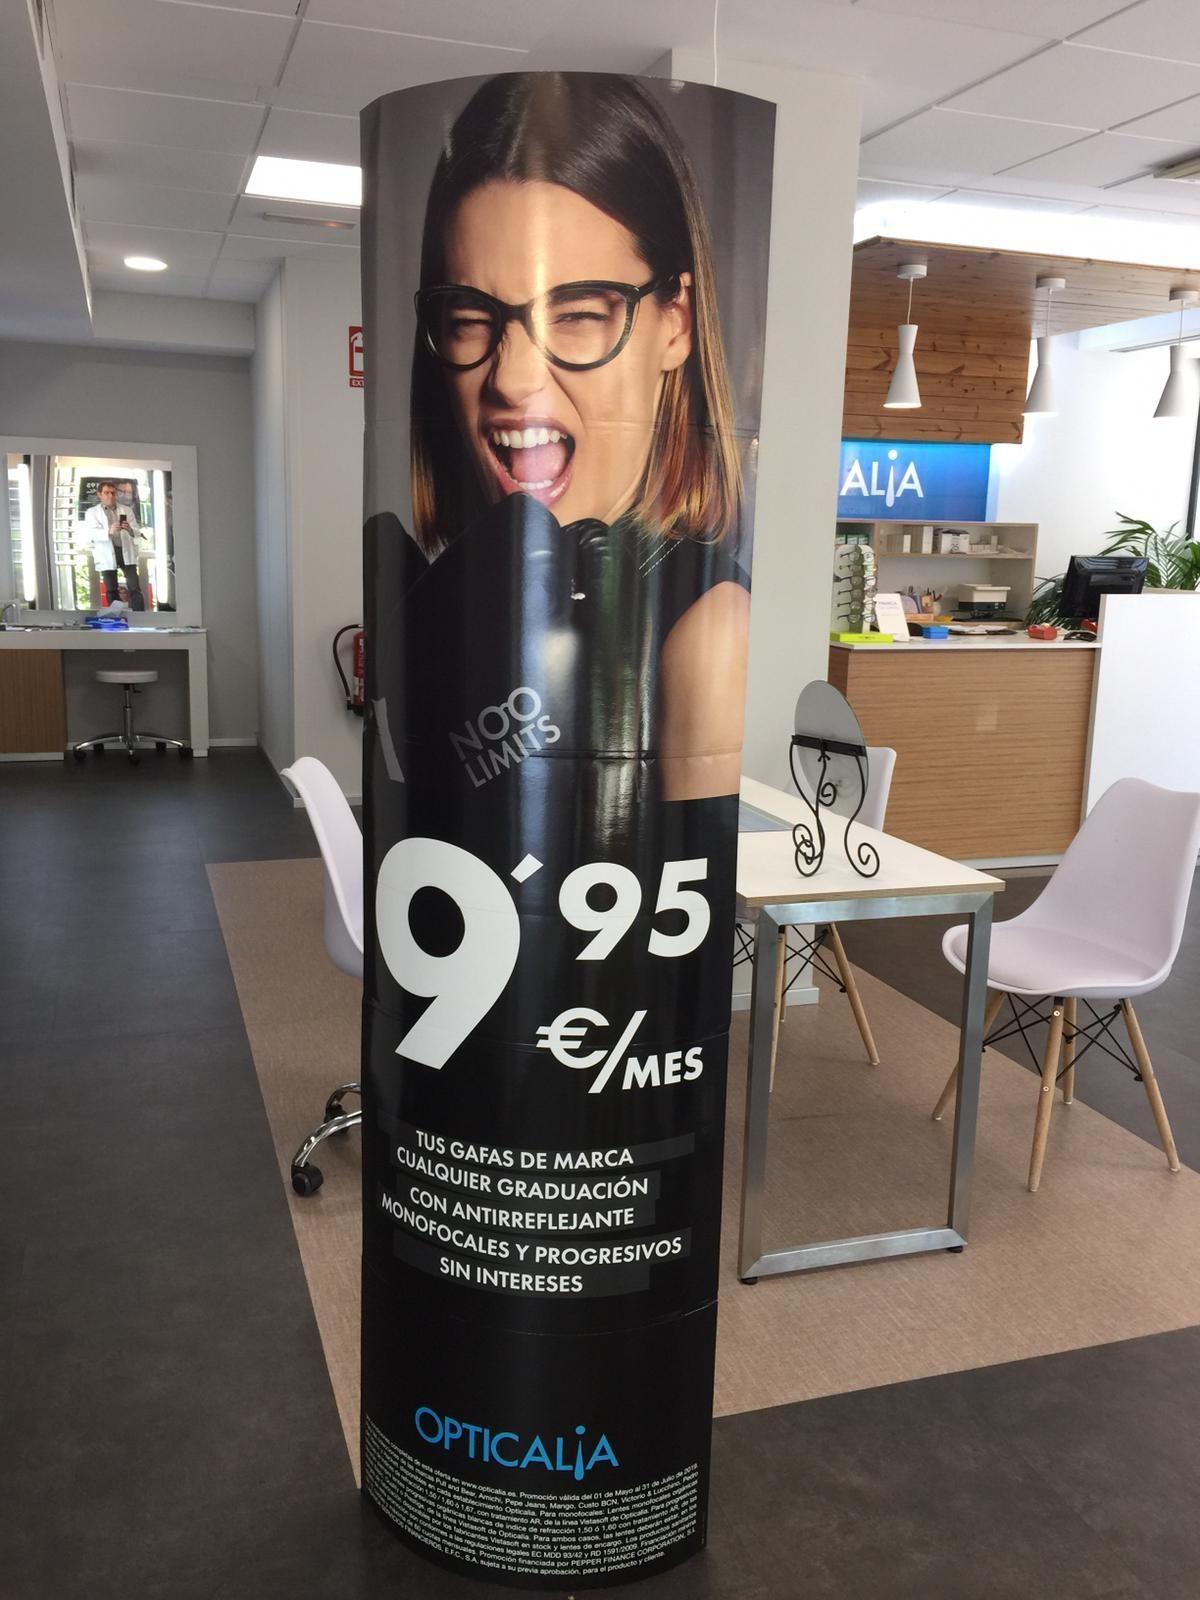 Tus gafas de marca, monofocales y progresivos, cualquier marca por 9.95€ mes!!